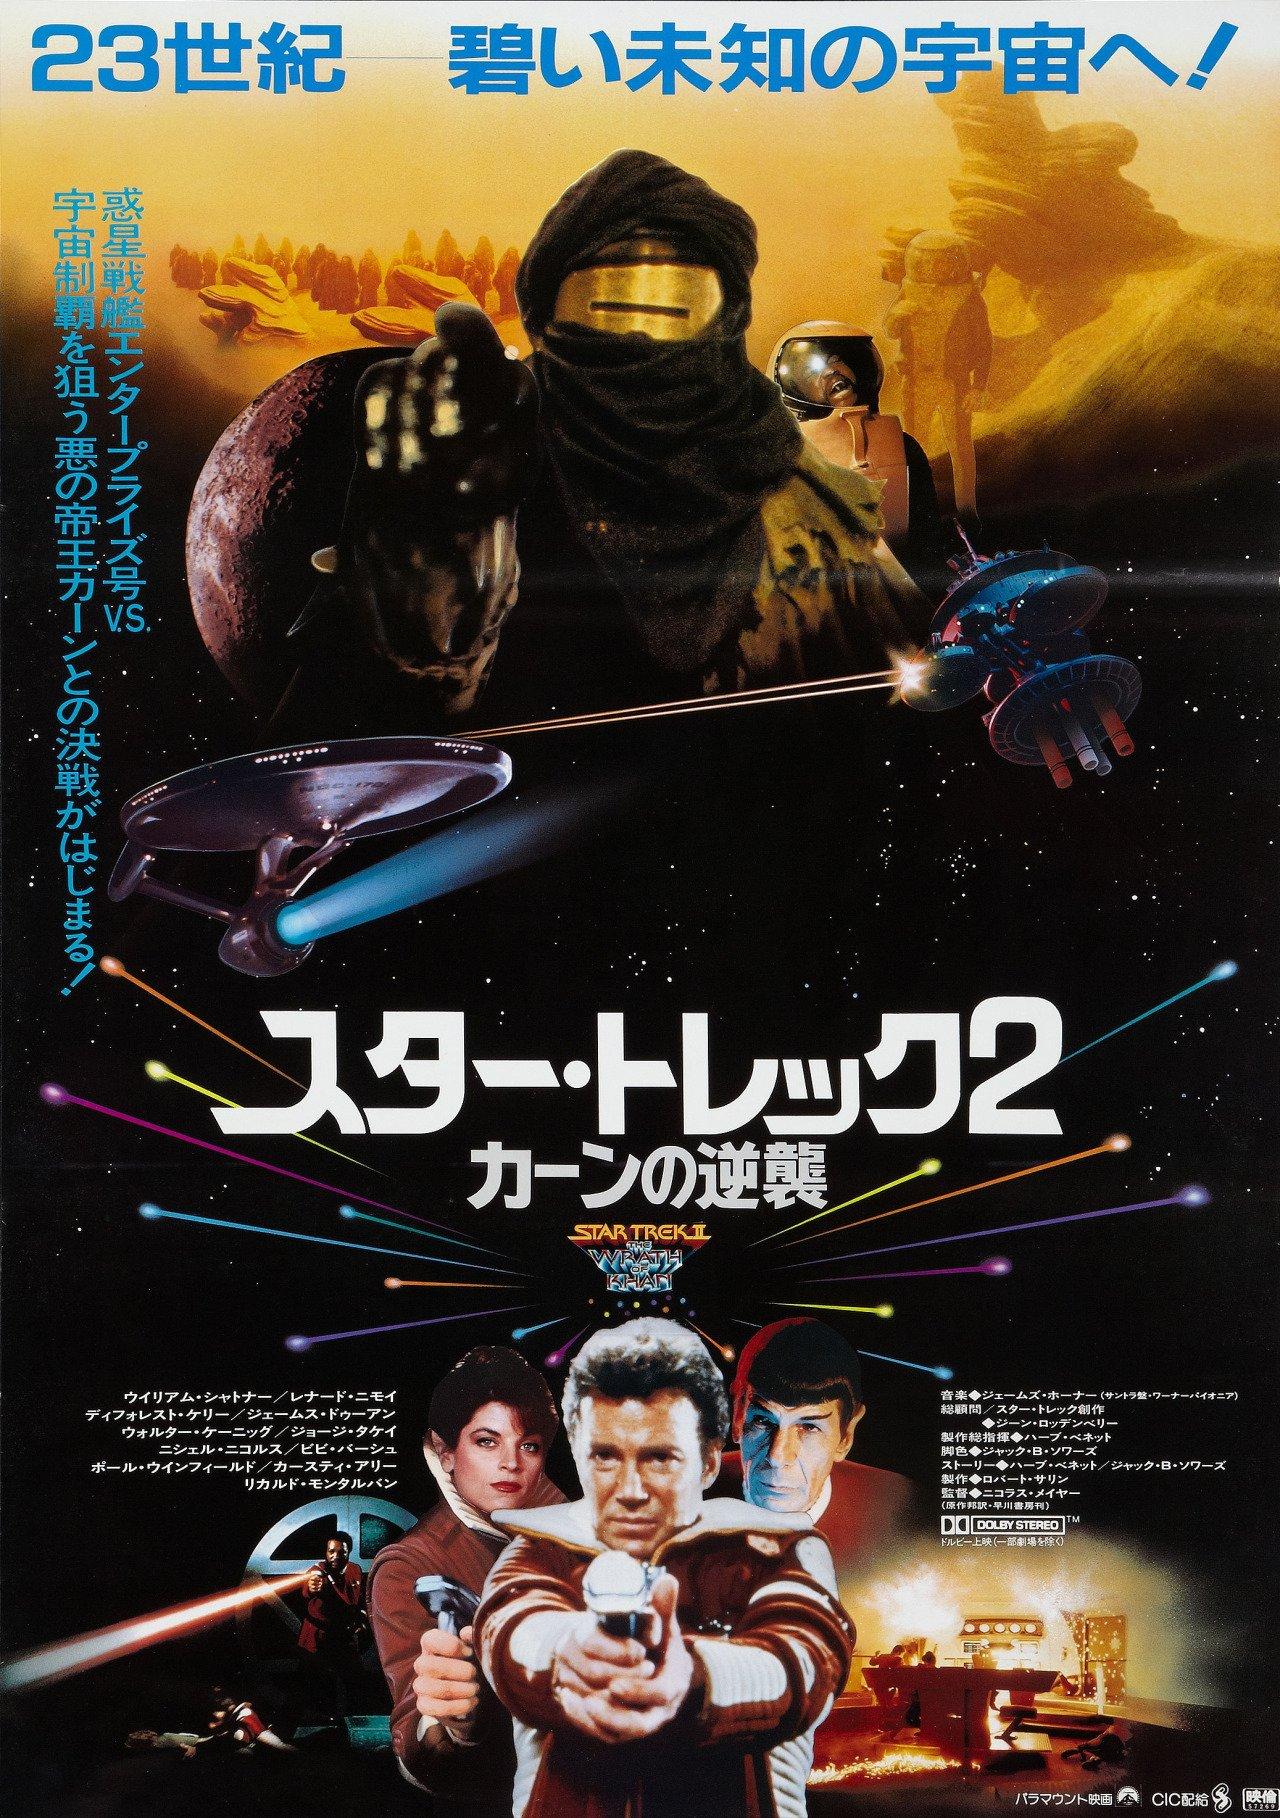 'Star Trek II: The Wrath of Khan' Japanese B2 poster (1982) https://t.co/8xEldK6qAu